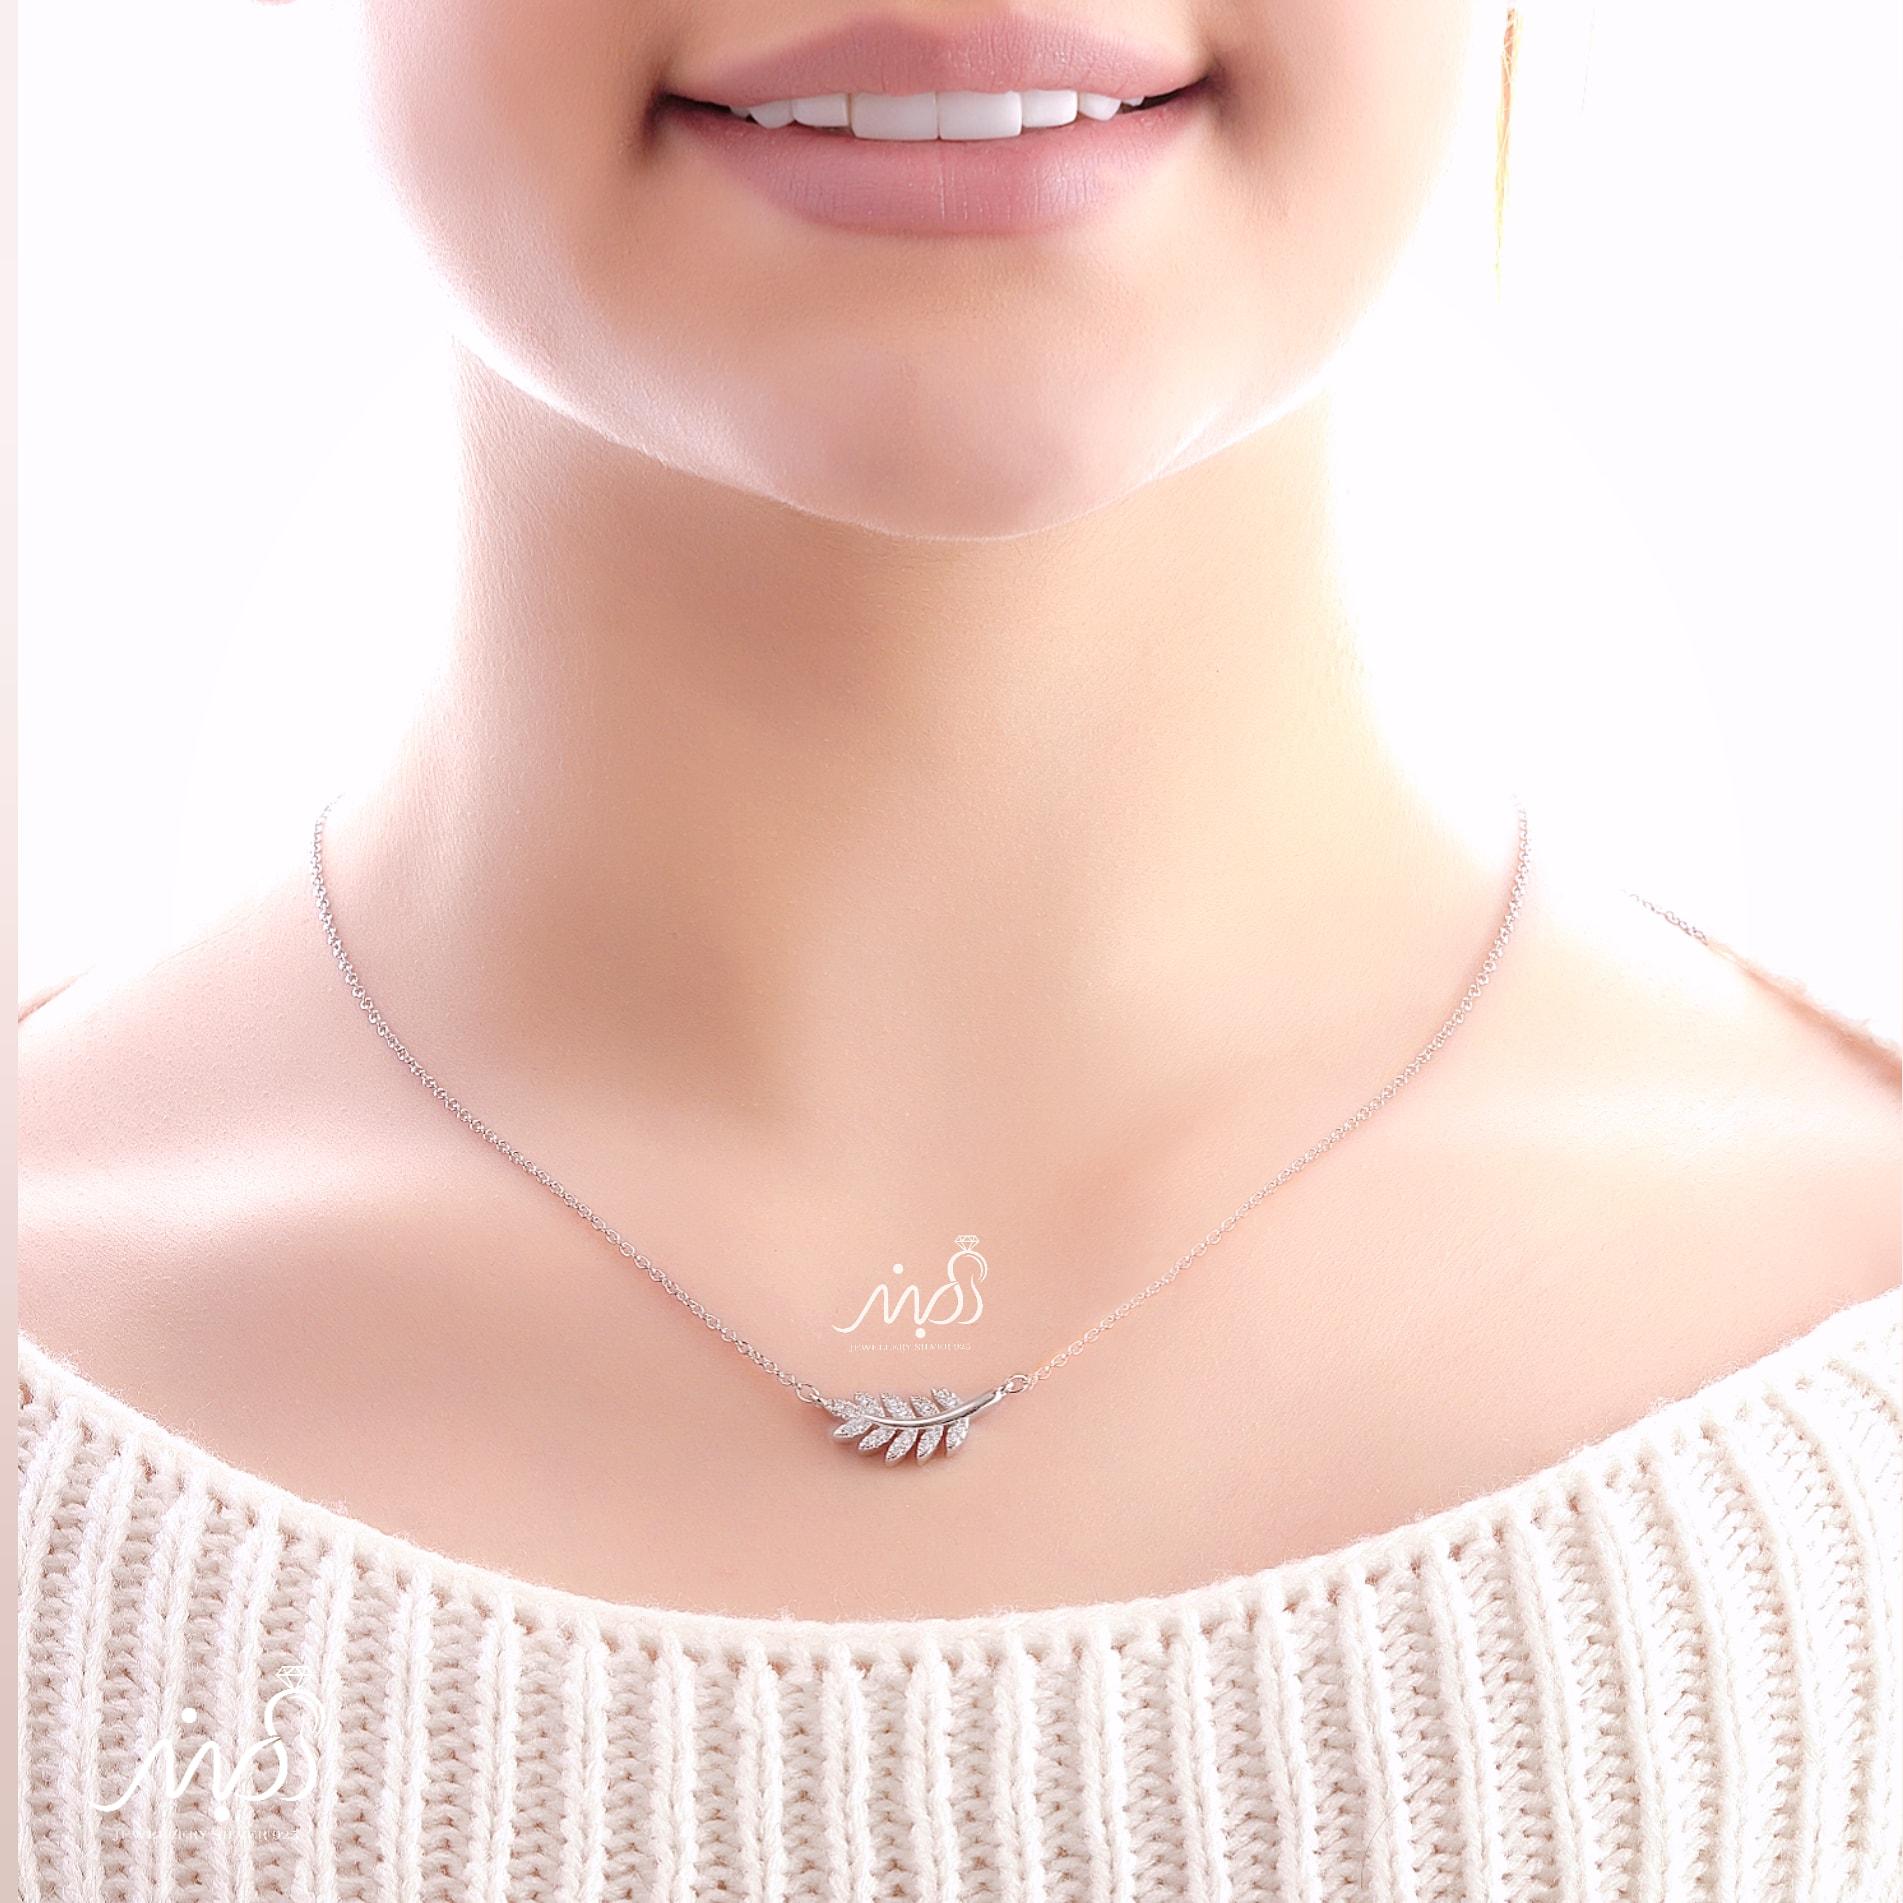 💍گردنبند طرح جواهر برگ ؛ با طراحی زیبا و ظریف نقره عیار ۹۲۵ با روکش طلا سفید(G_3048)